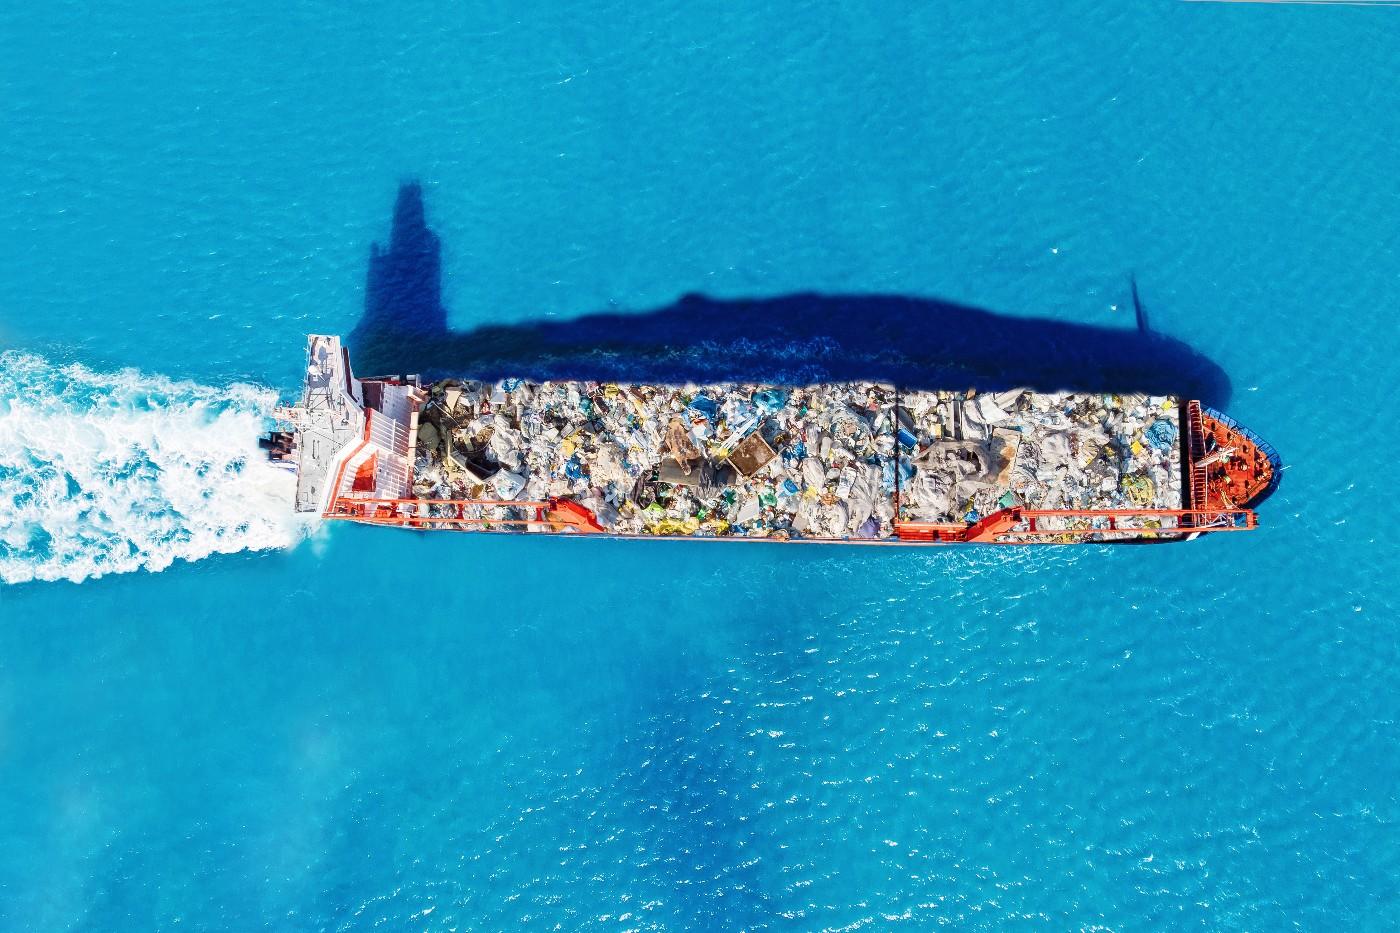 Tu basura también viaja ¿A dónde van nuestros residuos plásticos?